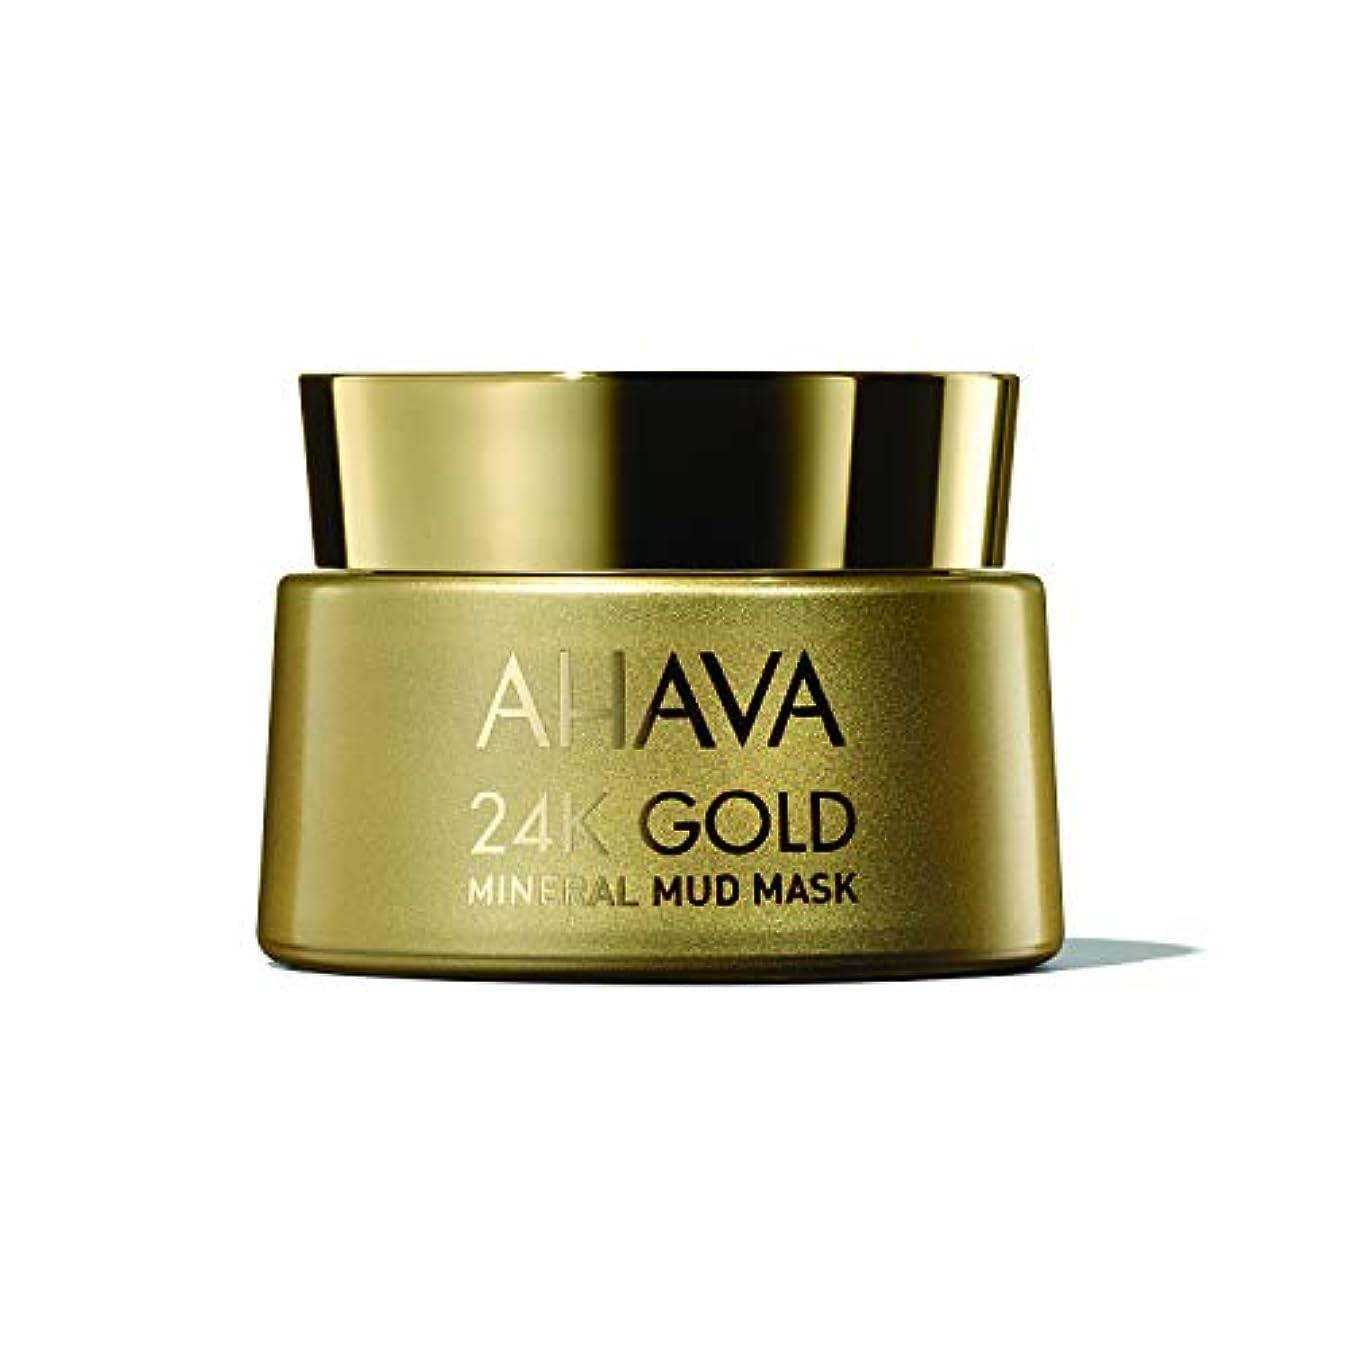 領事館植物学線形アハバ 24K Gold Mineral Mud Mask 50ml/1.7oz並行輸入品